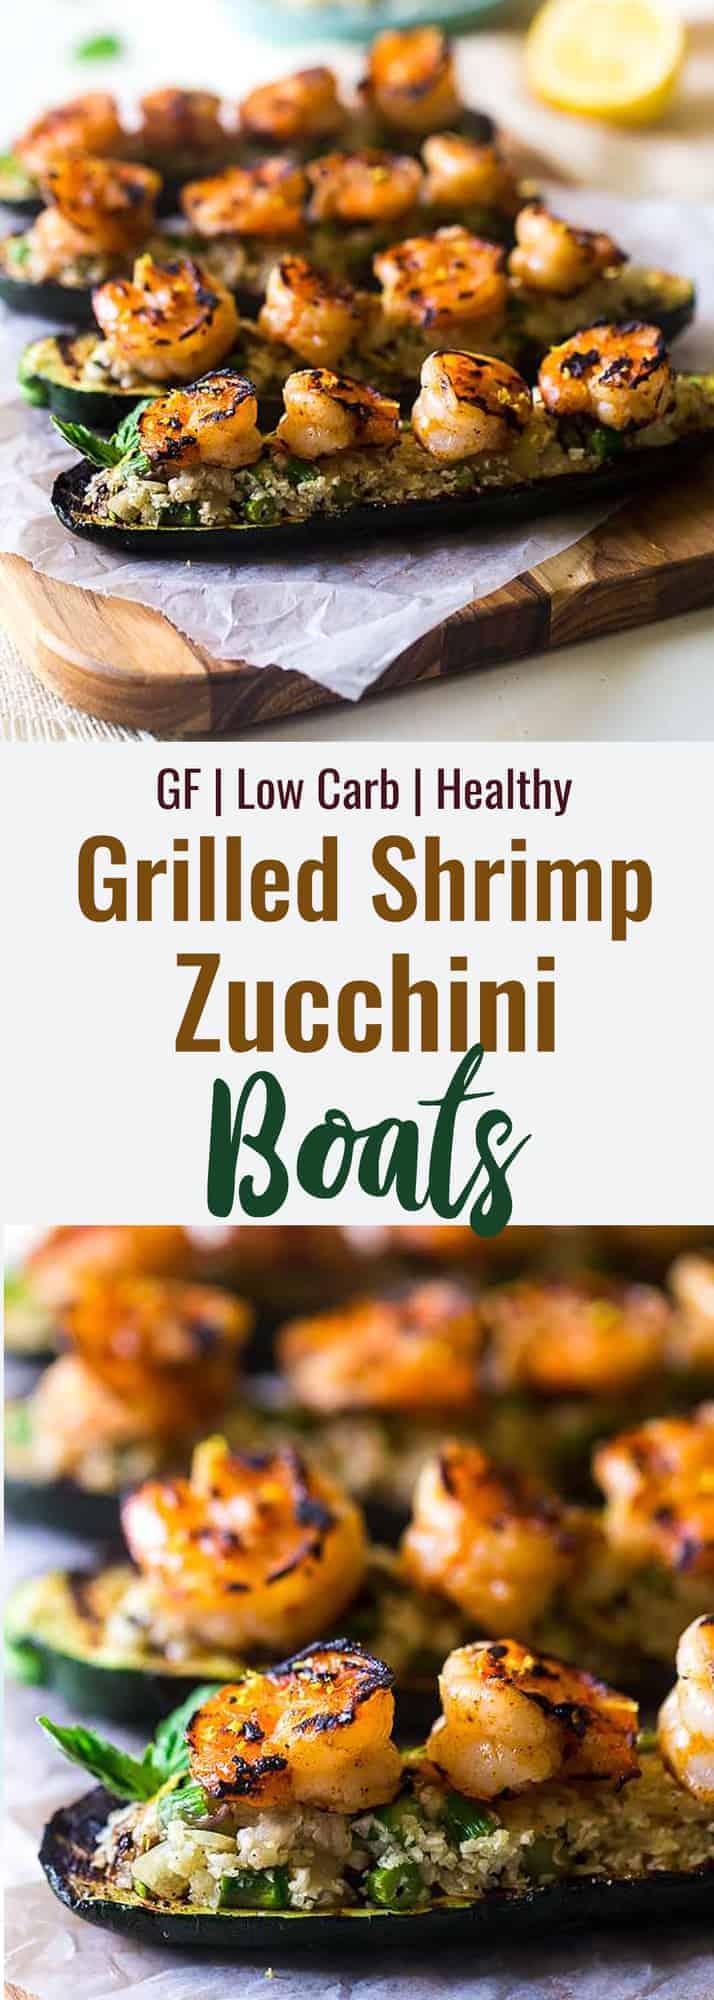 shrimp zucchini boats collage photo